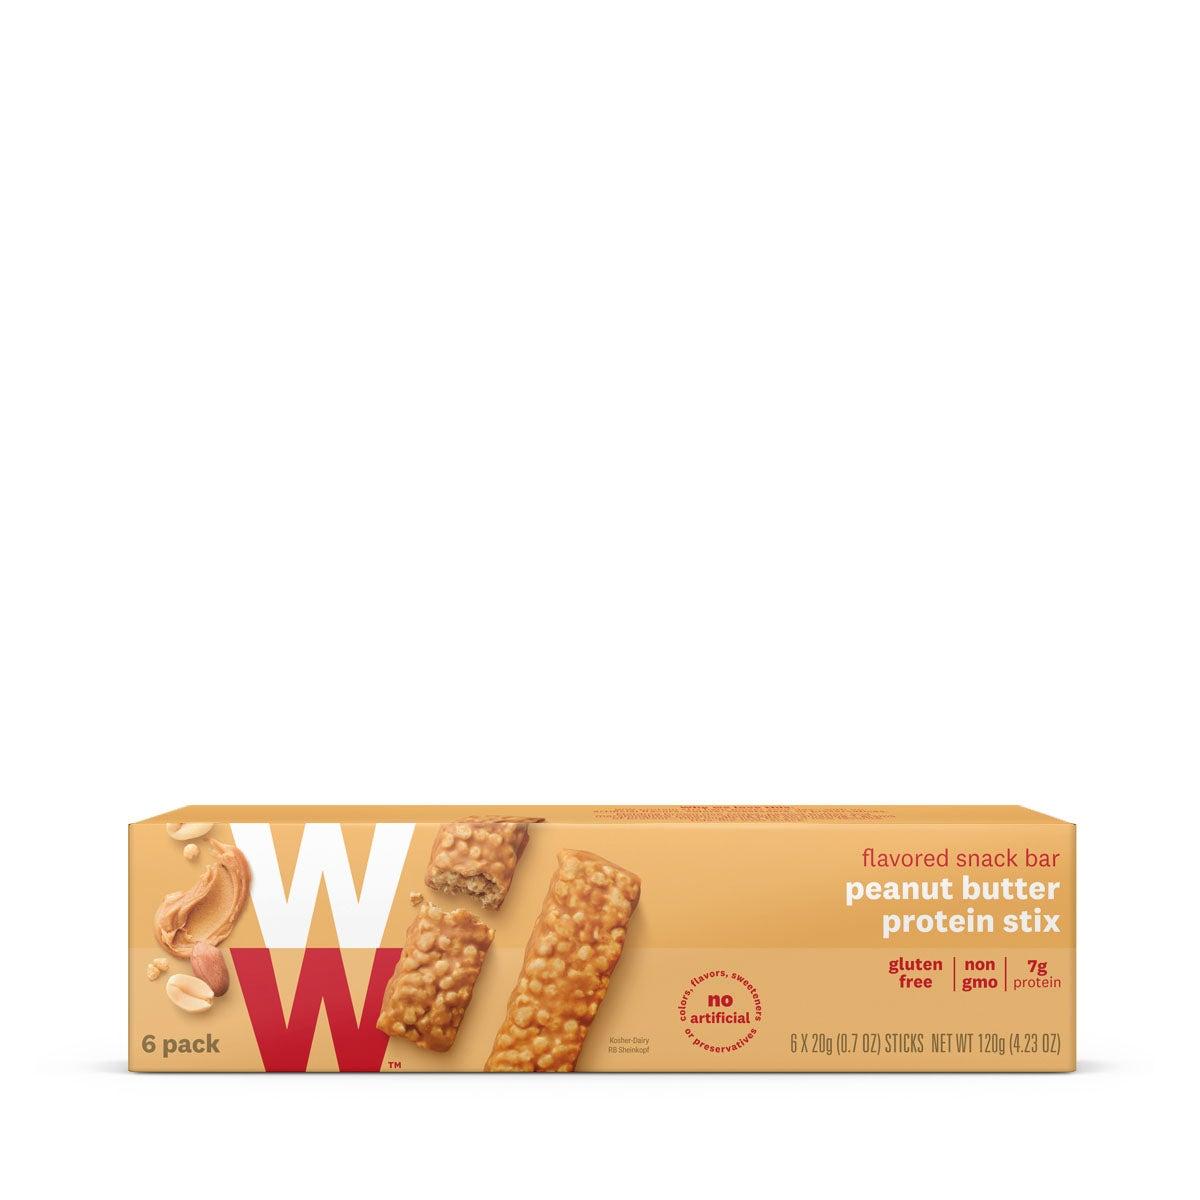 Peanut Butter Protein Stix